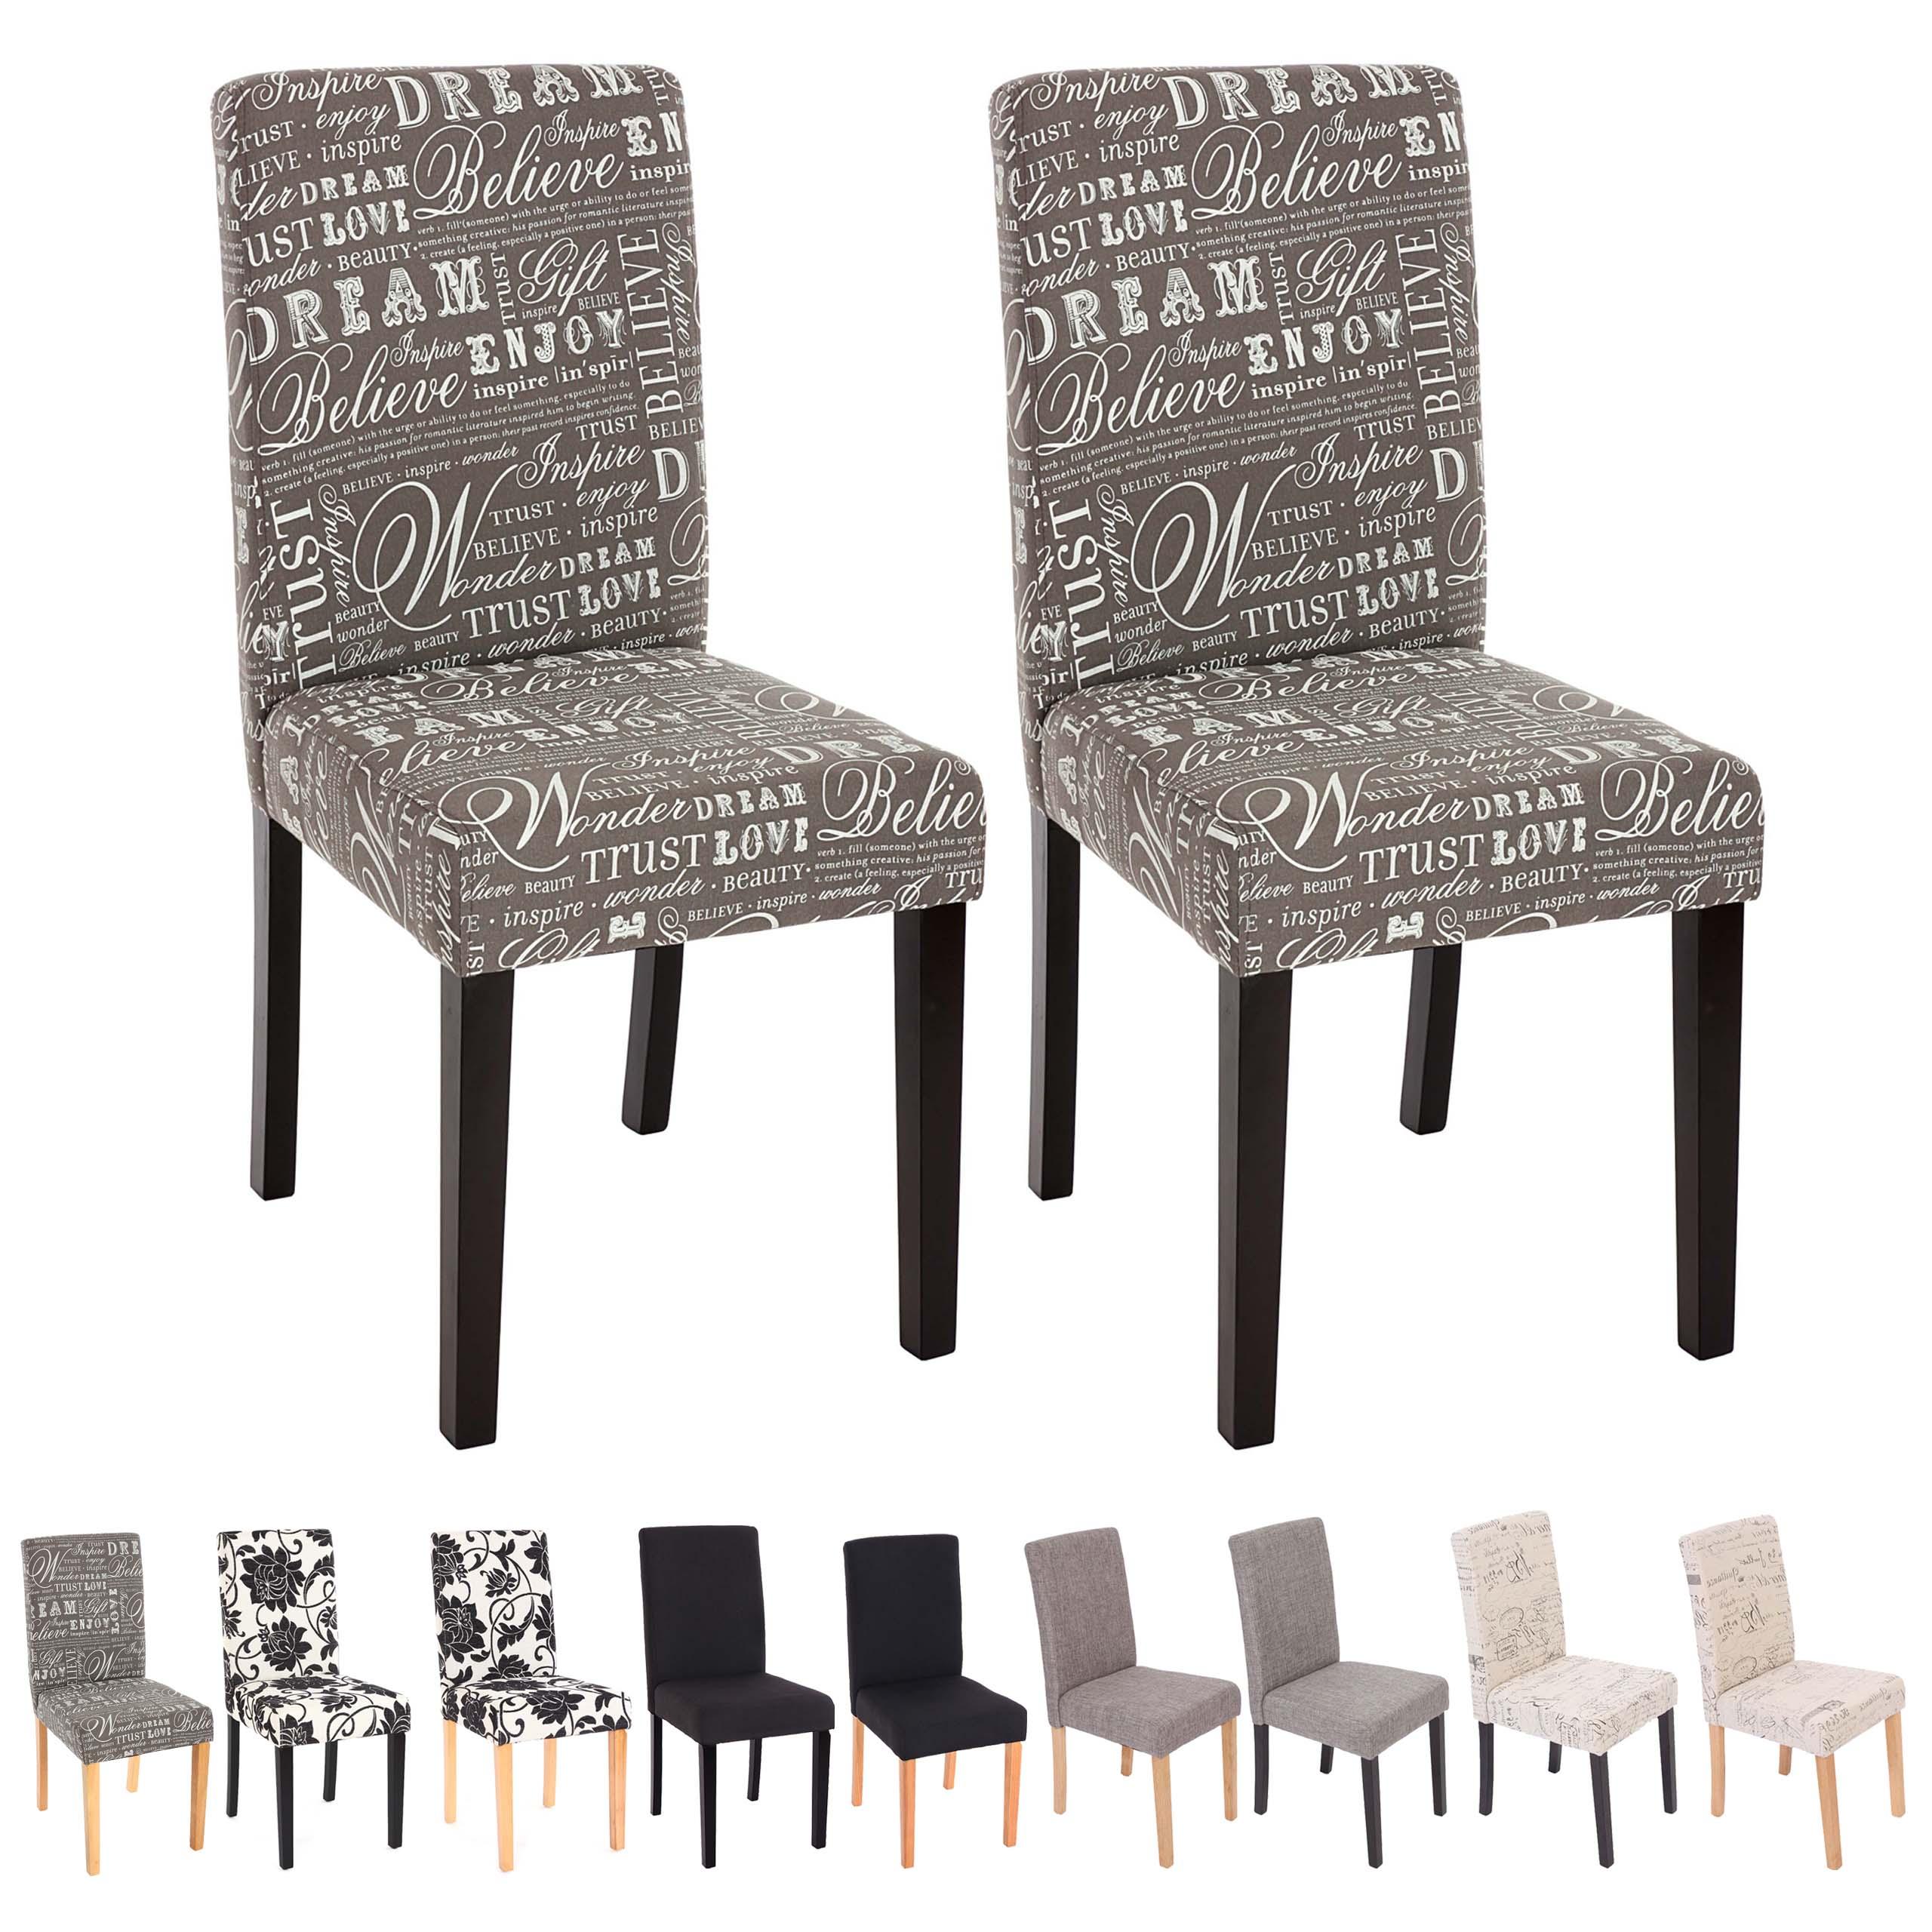 textile pâtisserie anthracite sombre JAMBES 6x salle à manger chaise fauteuil Littau